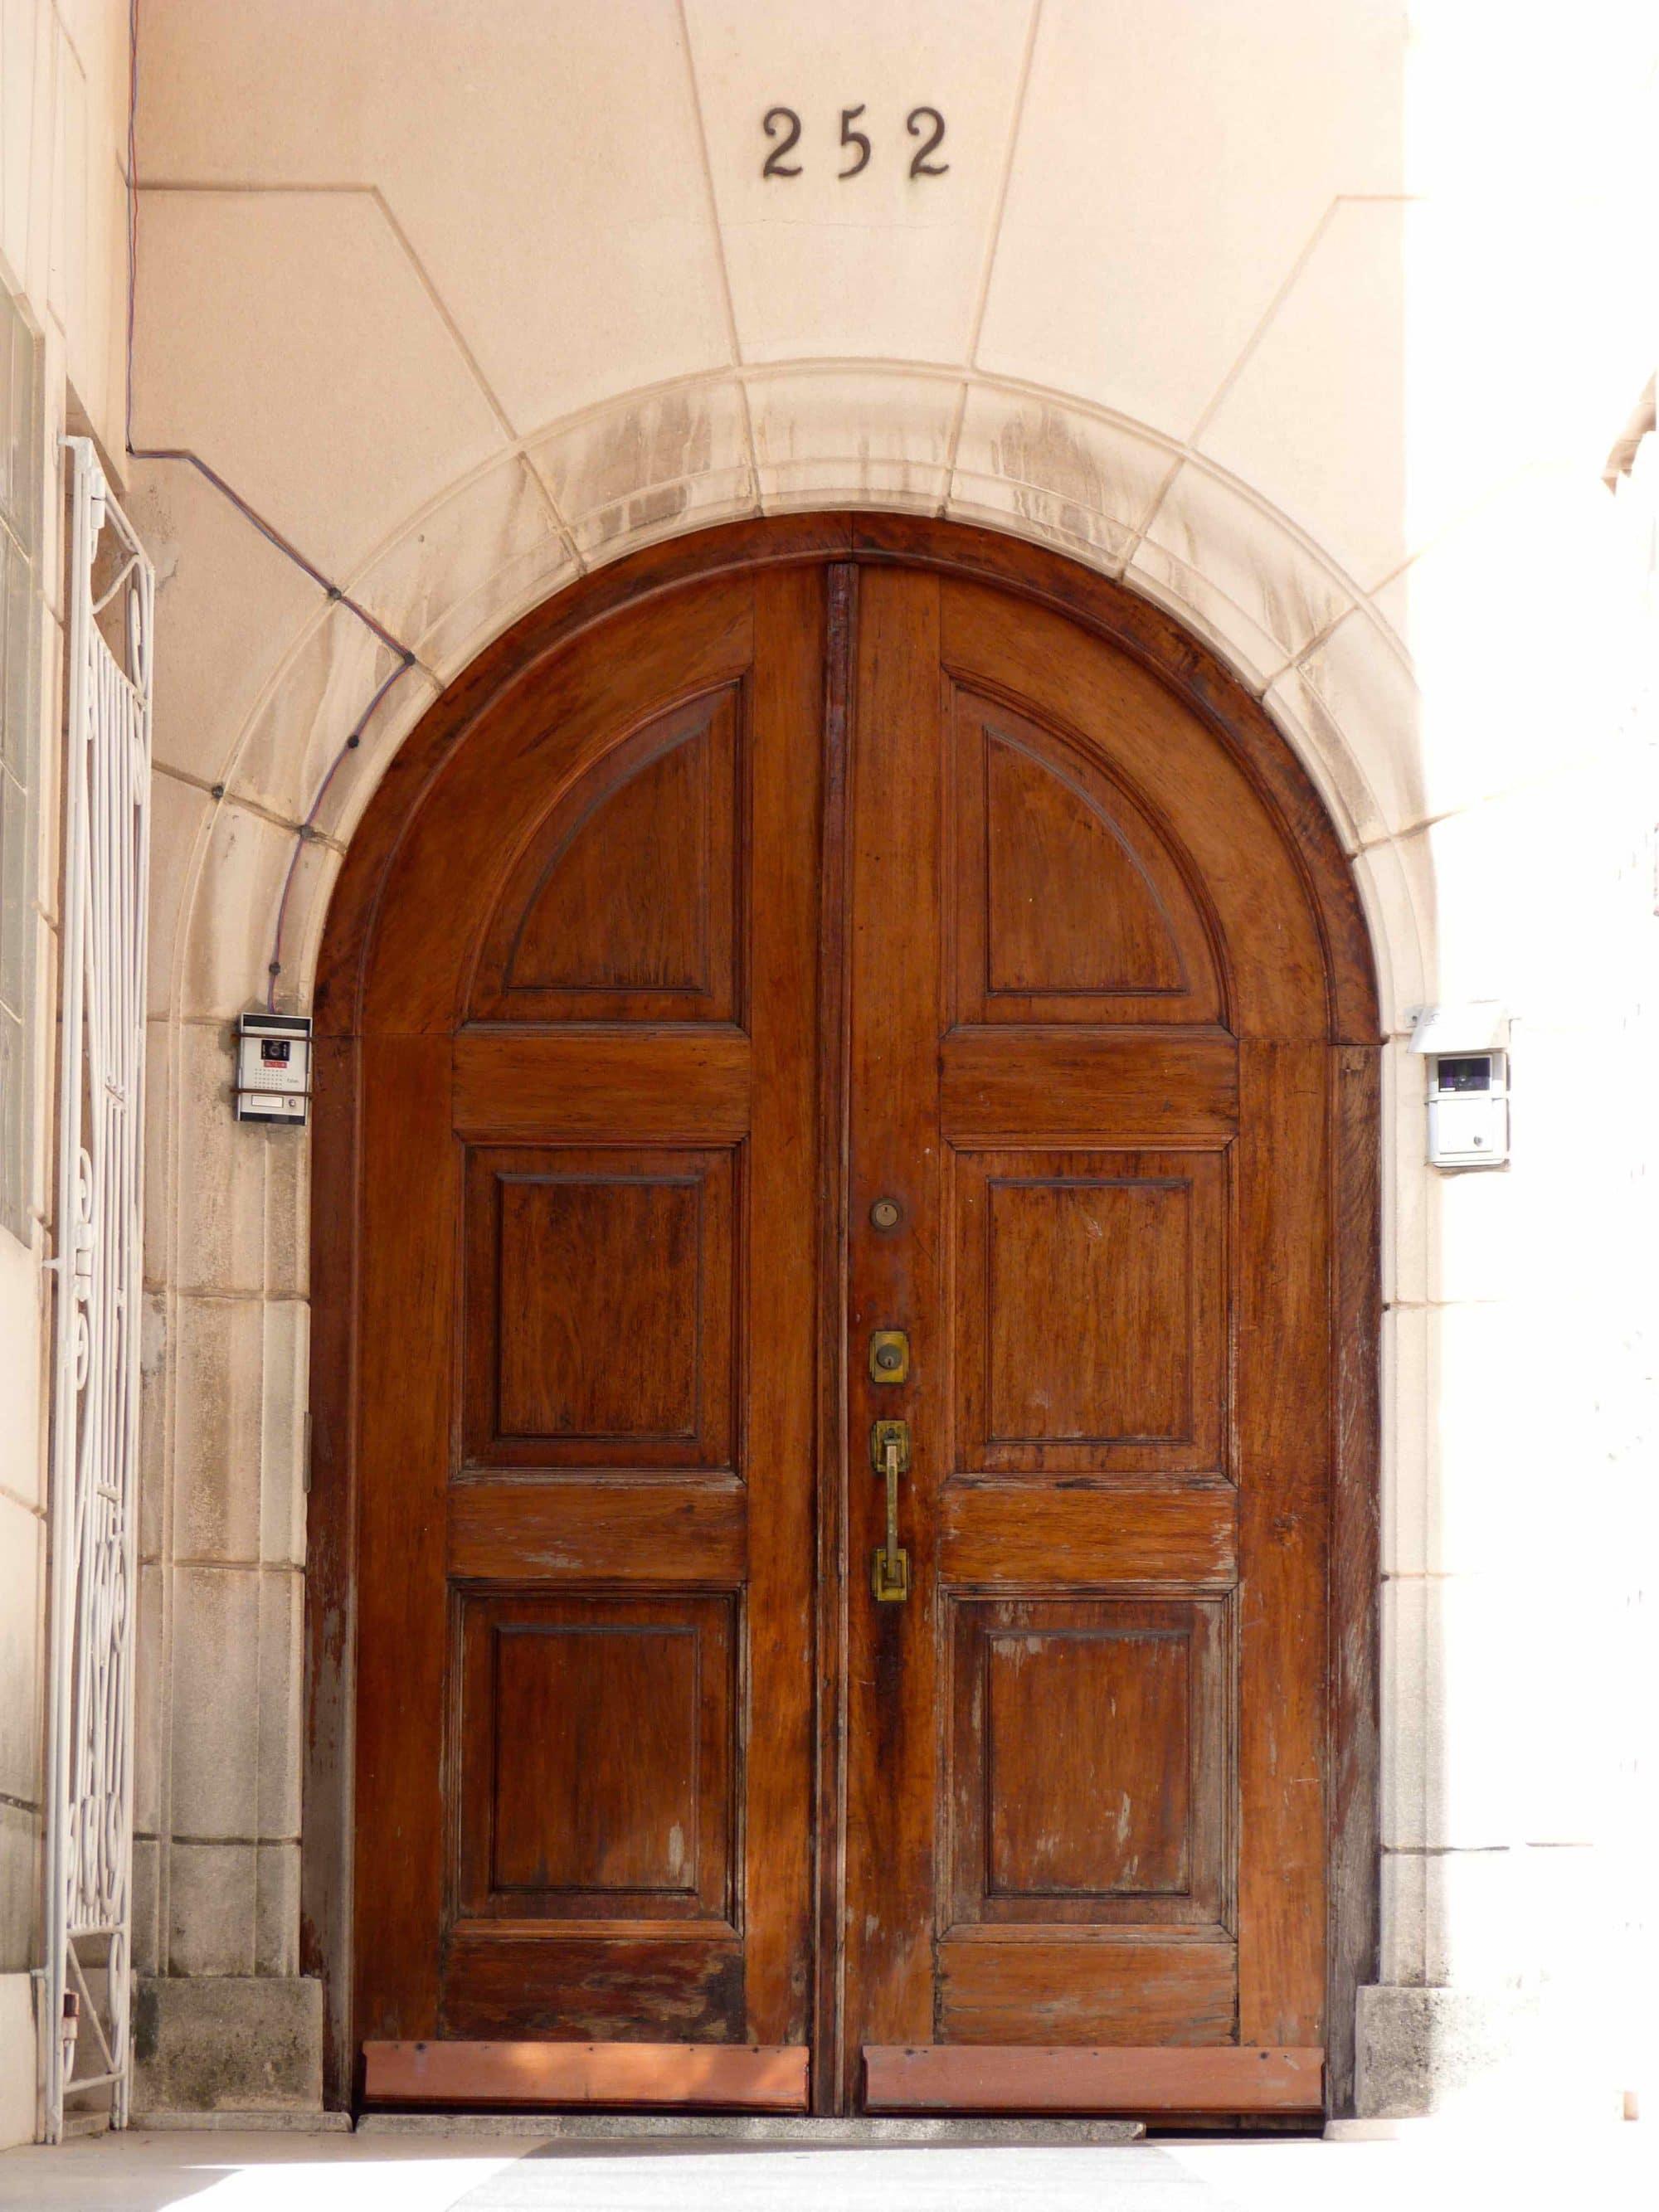 Puerta del edificio